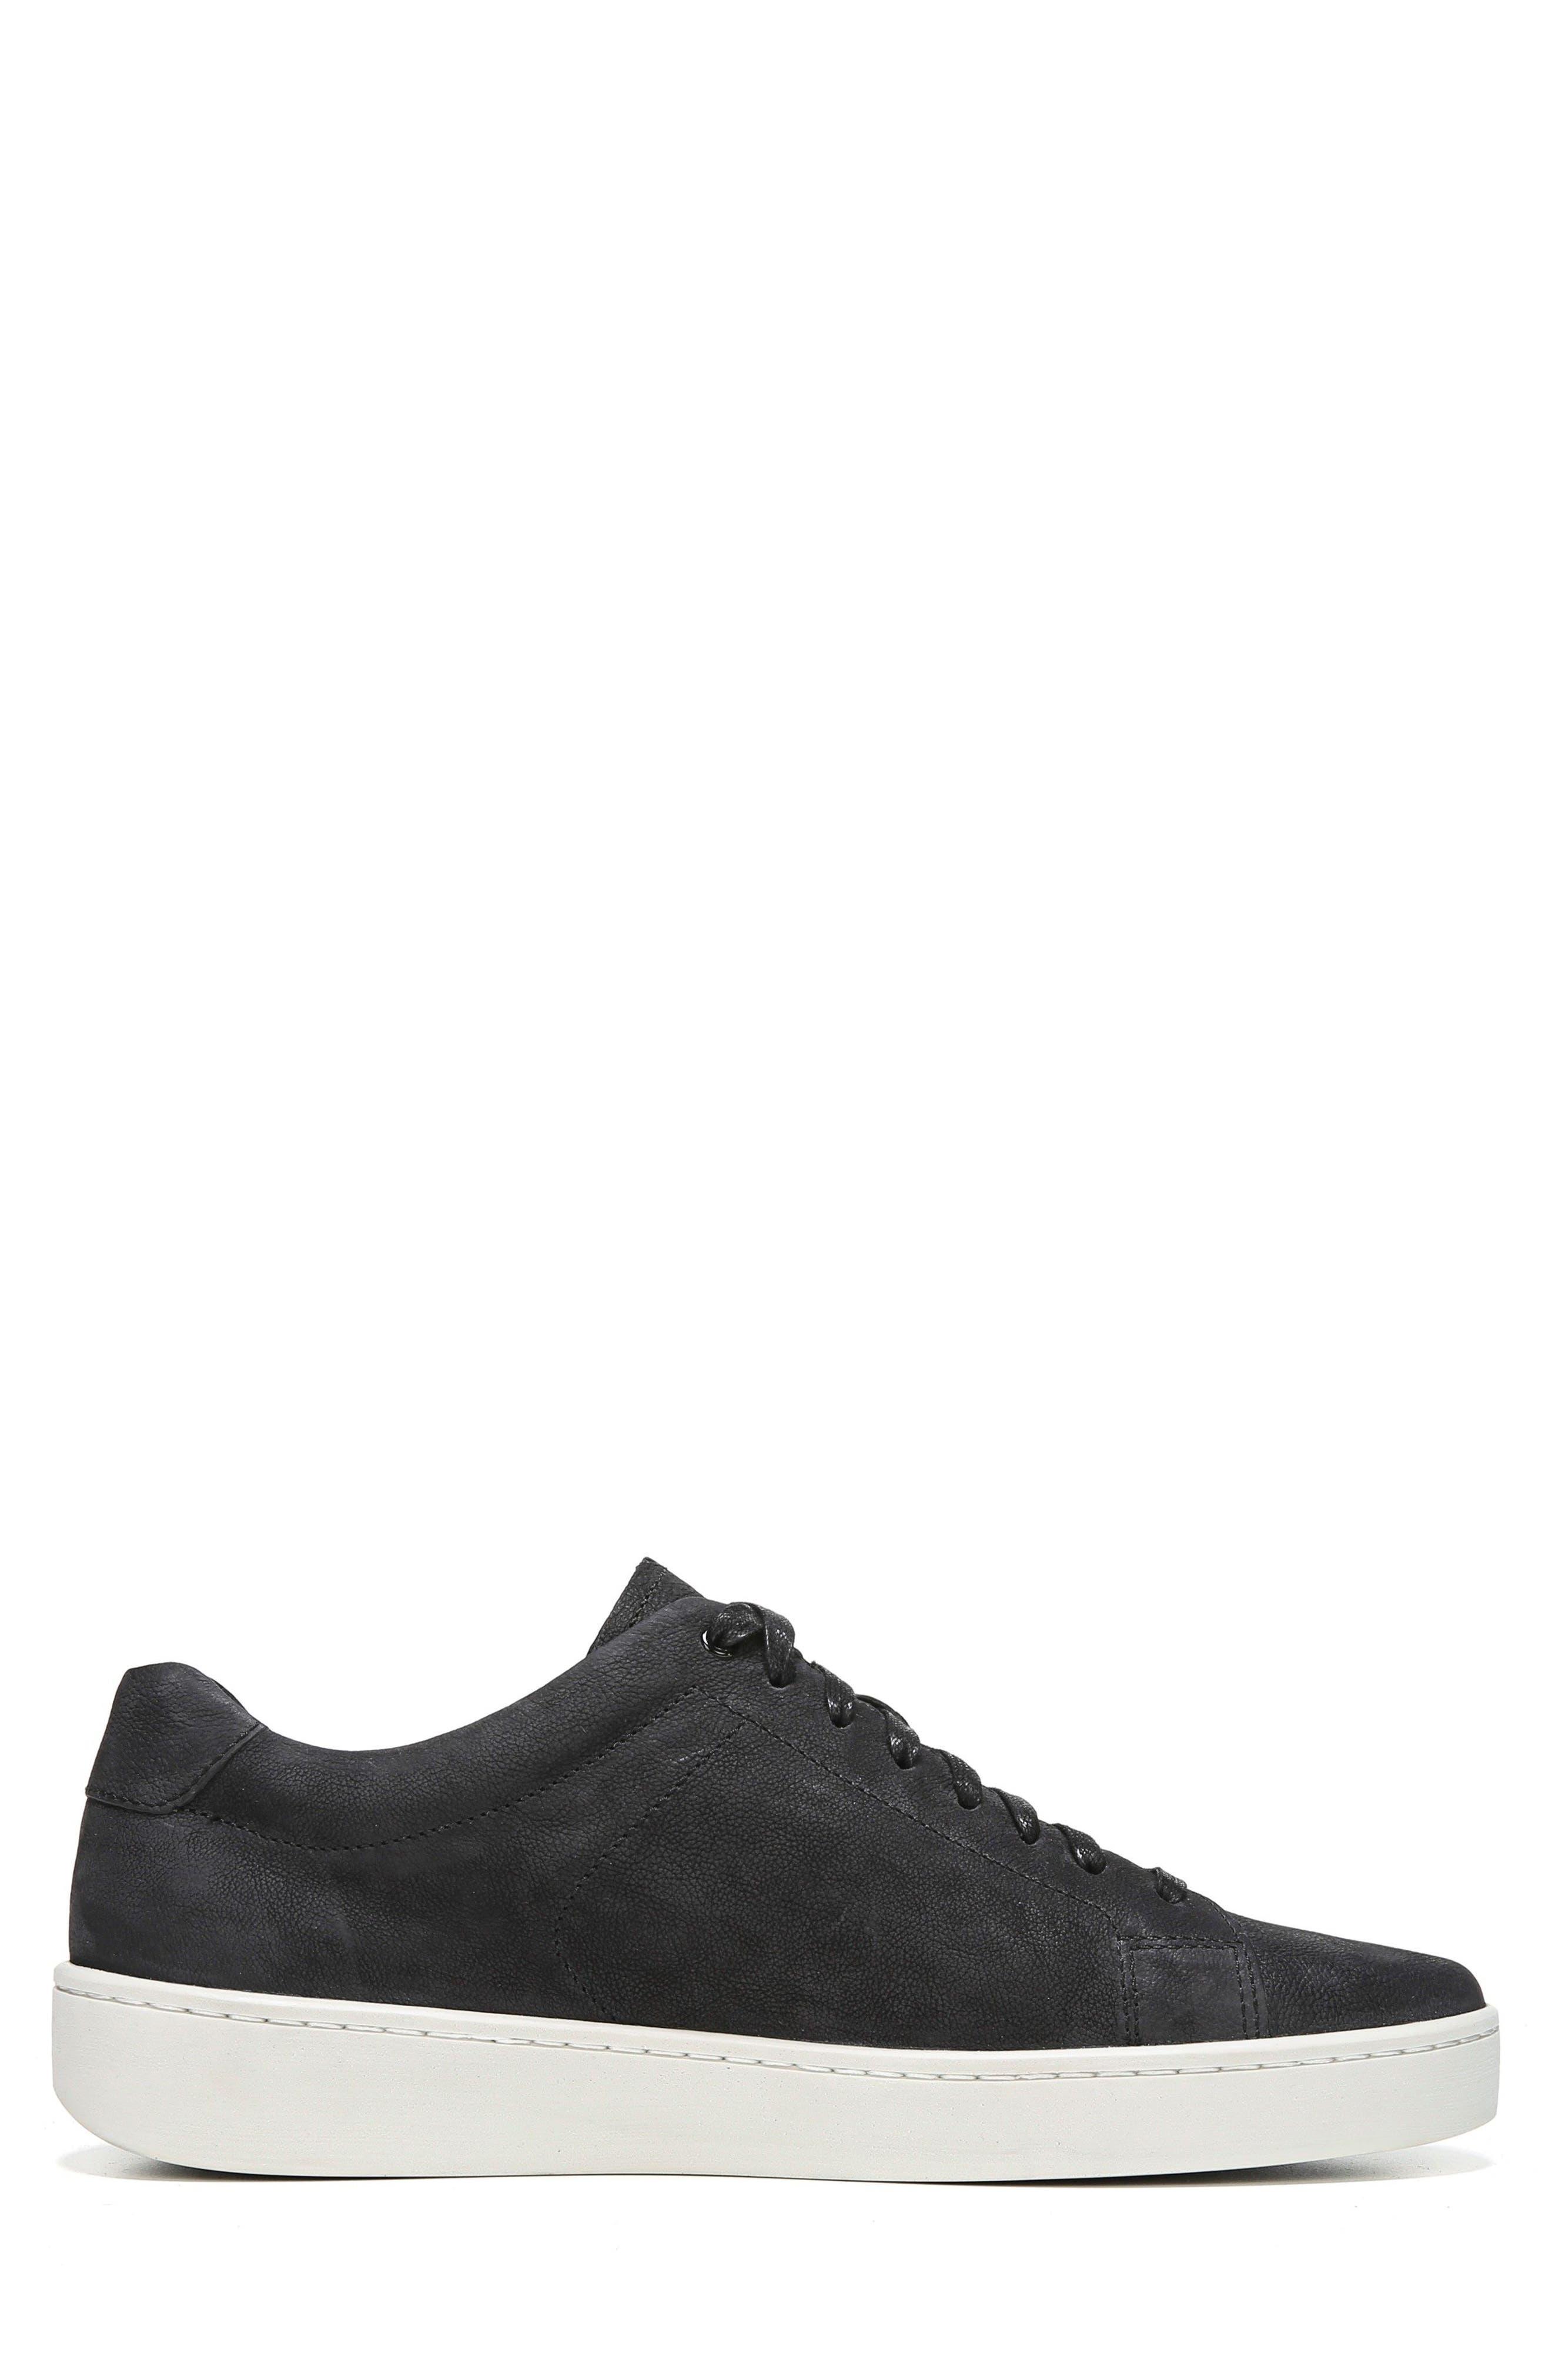 Vince Slater Washed Nubuck Sneaker Granite Gray Modesens